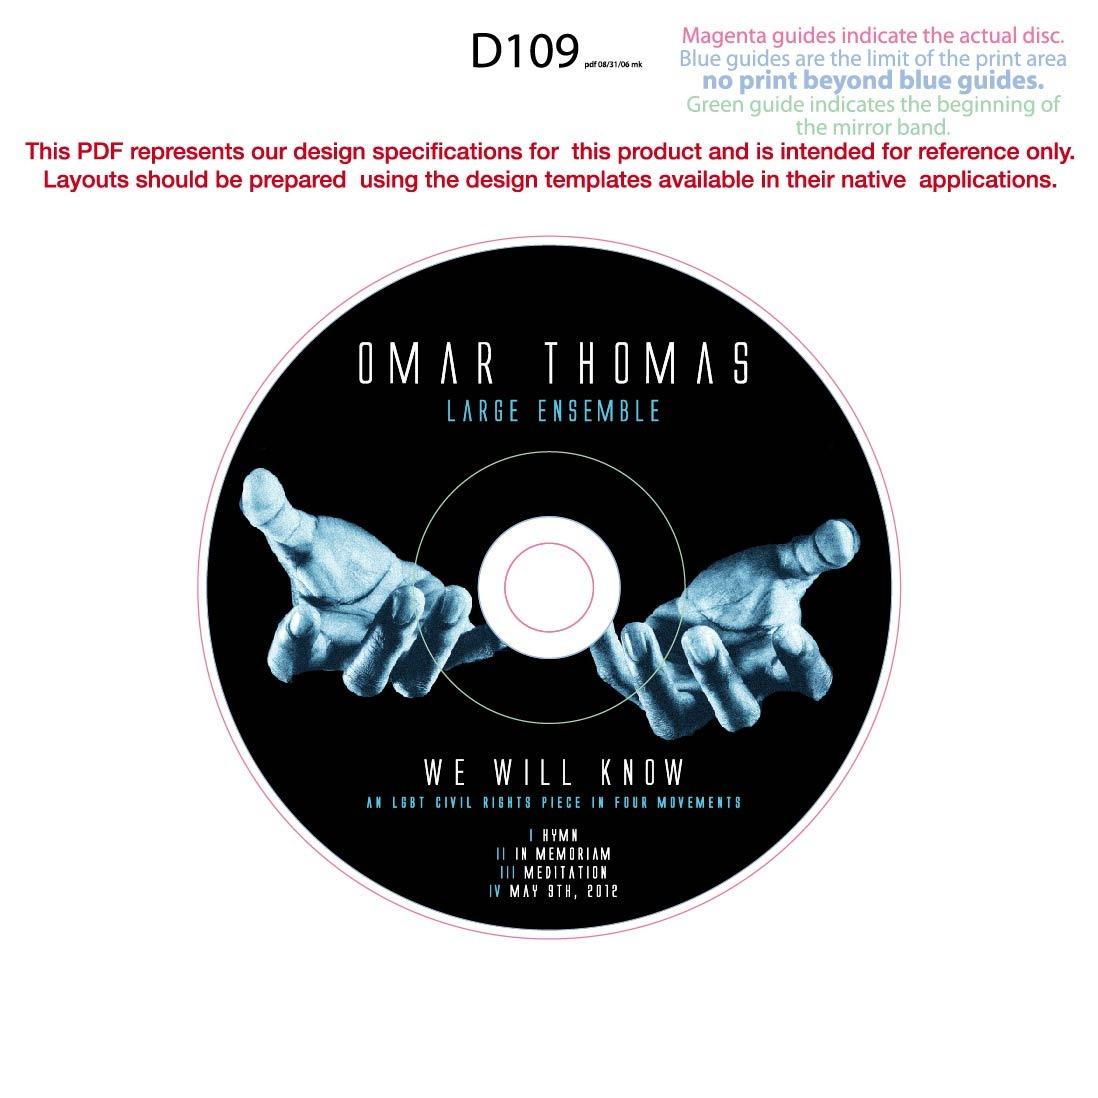 Omar Thomas Large Ensemble | CD Layout Design | James Bishai\'s Portfolio